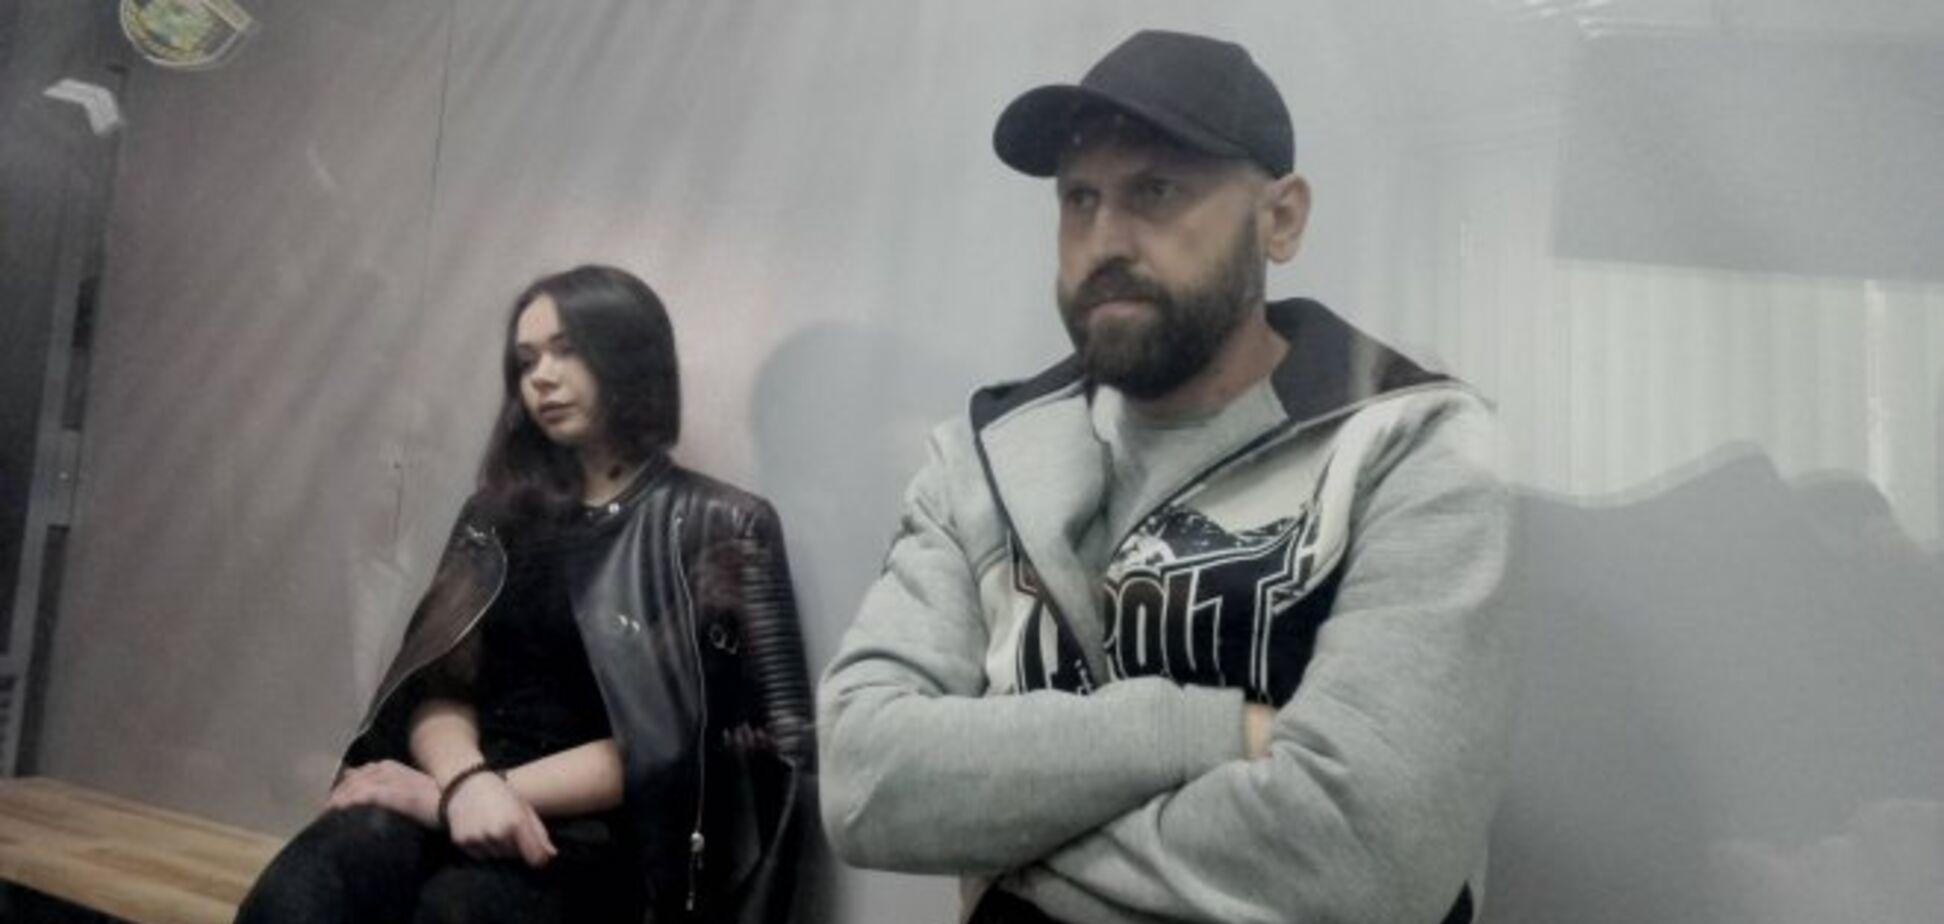 'Зайцева їхала не на зелене': свідок ДТП у Харкові розкрив нові подробиці